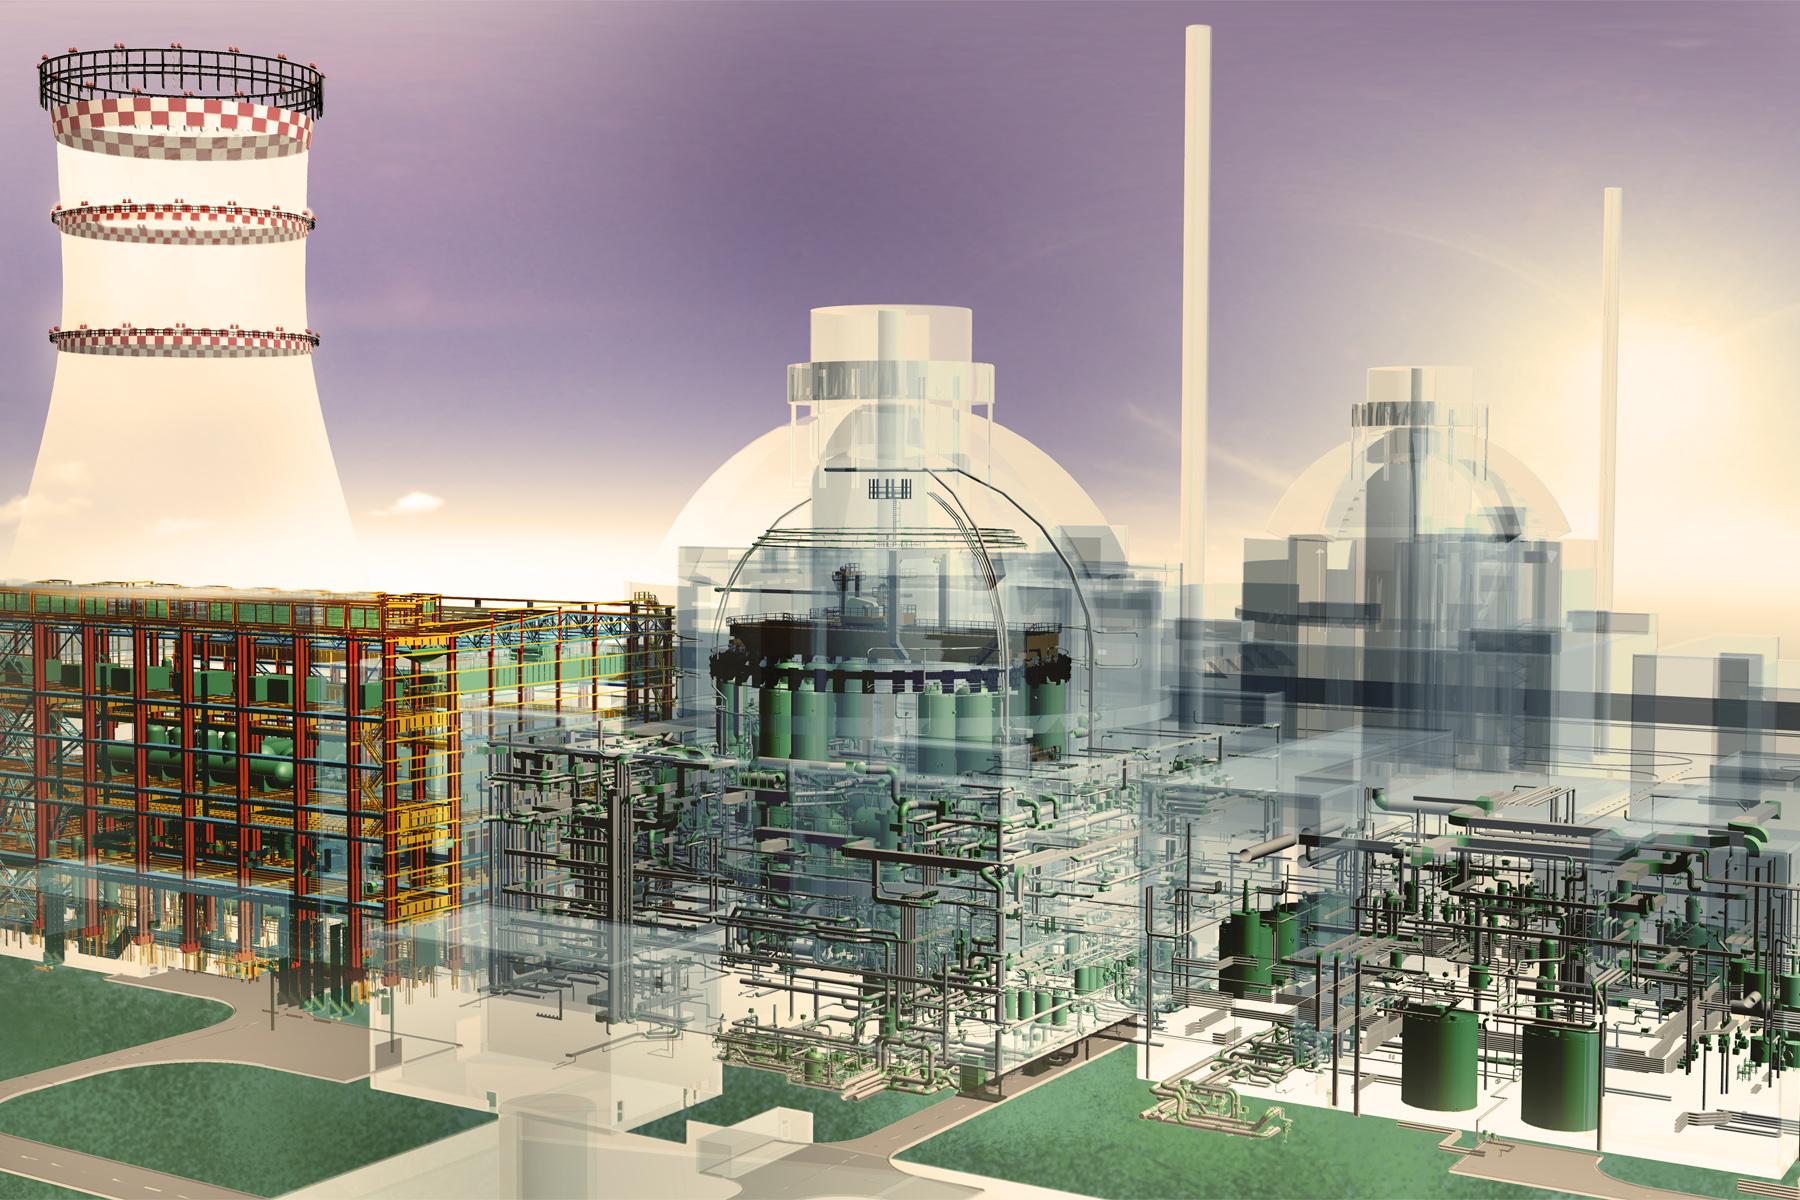 Tại sao cần điều chỉnh tiến độ dự án điện hạt nhân?